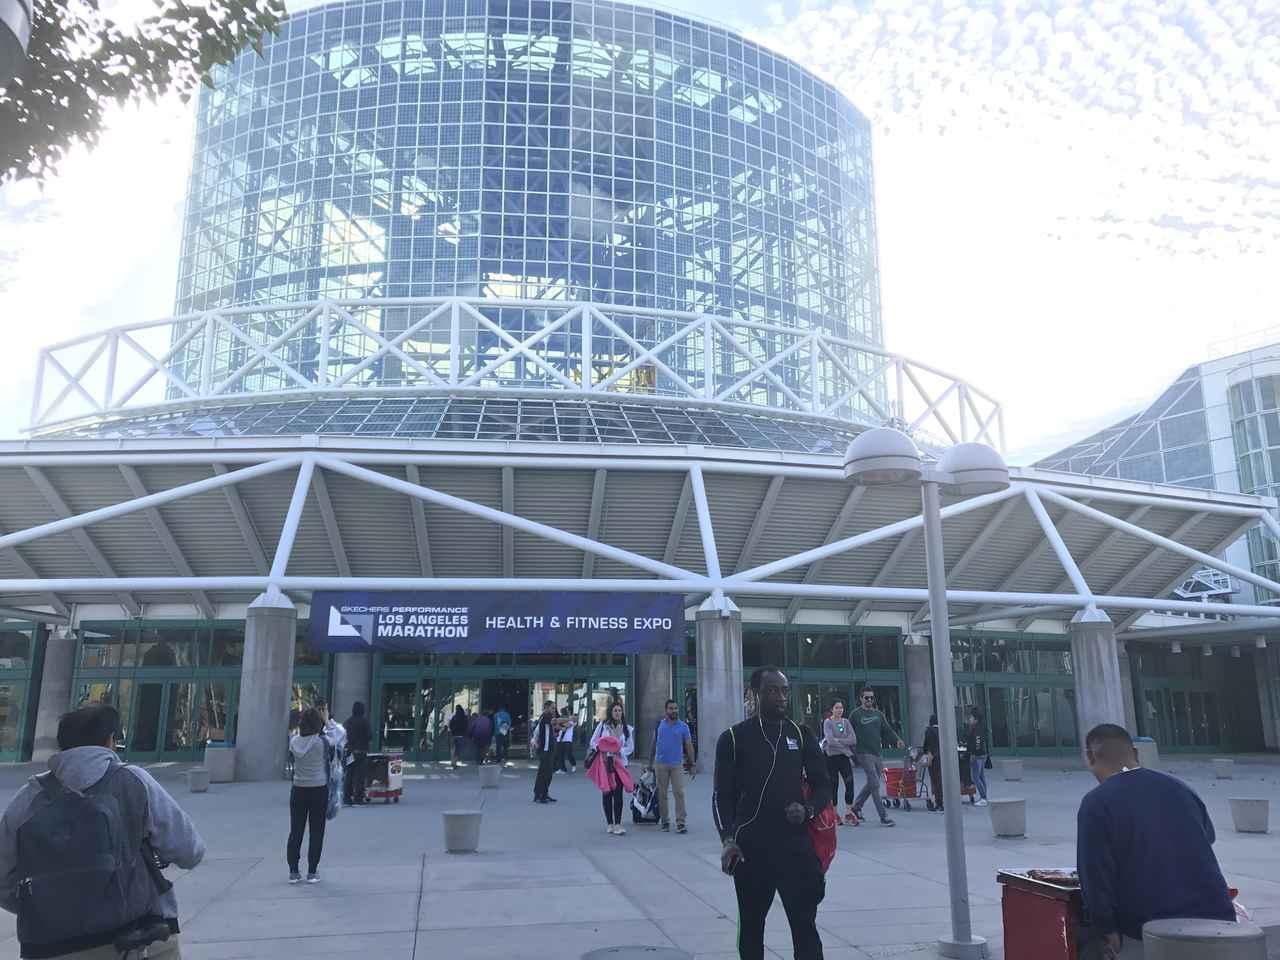 画像2: 【地球を走ろう】スタートはドジャースタジアム。LAを駆け巡る観光コース ロサンゼルスマラソン大会レポート